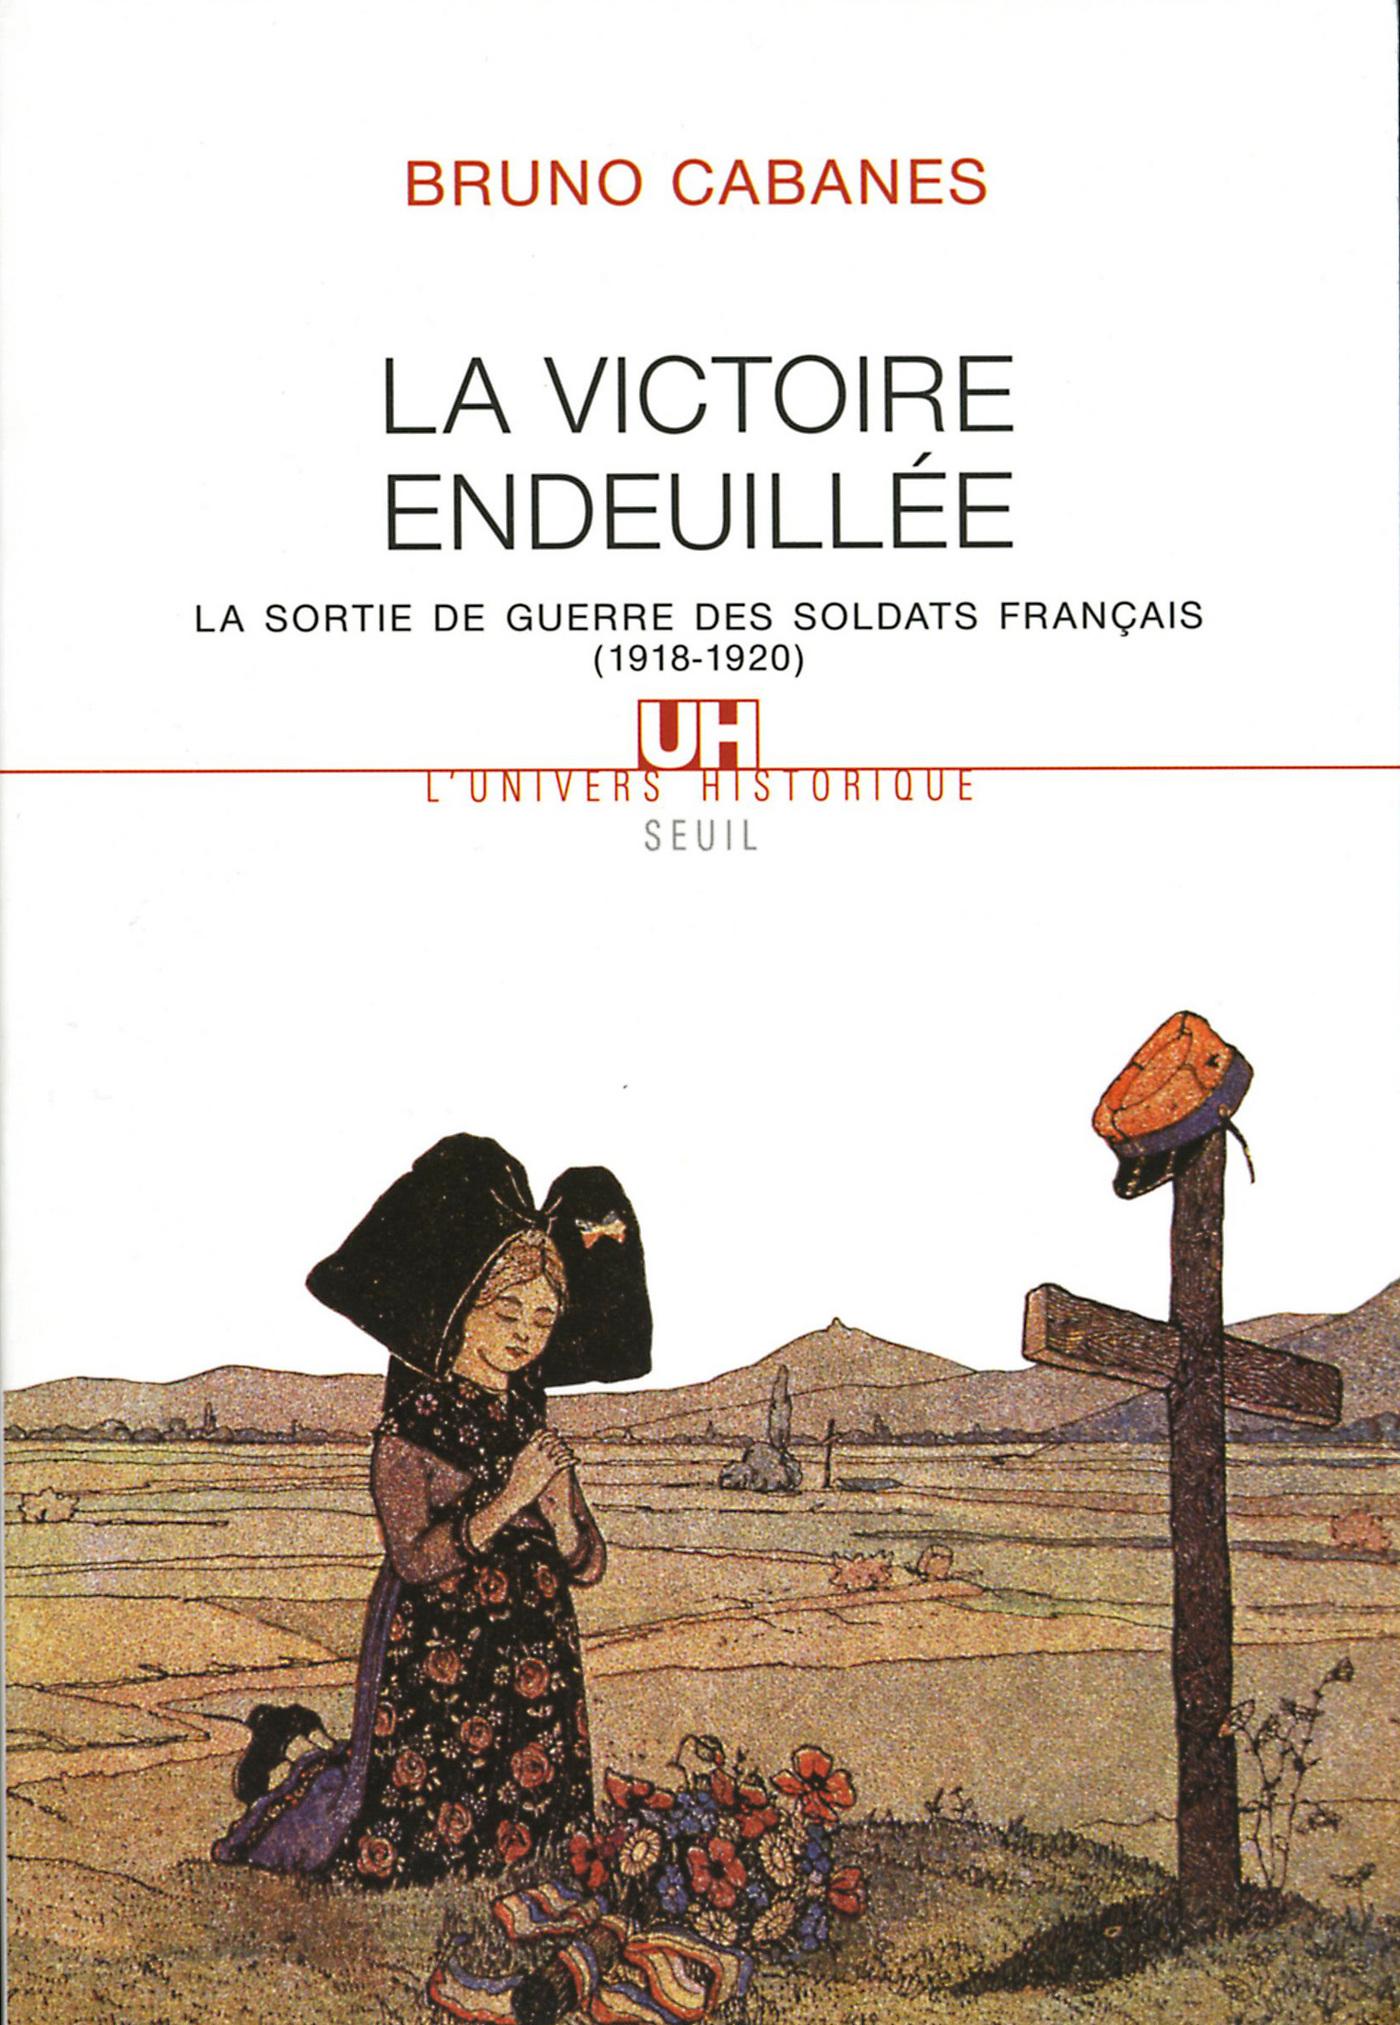 La Victoire endeuillée. La sortie de guerre des soldats français (1918-1920)